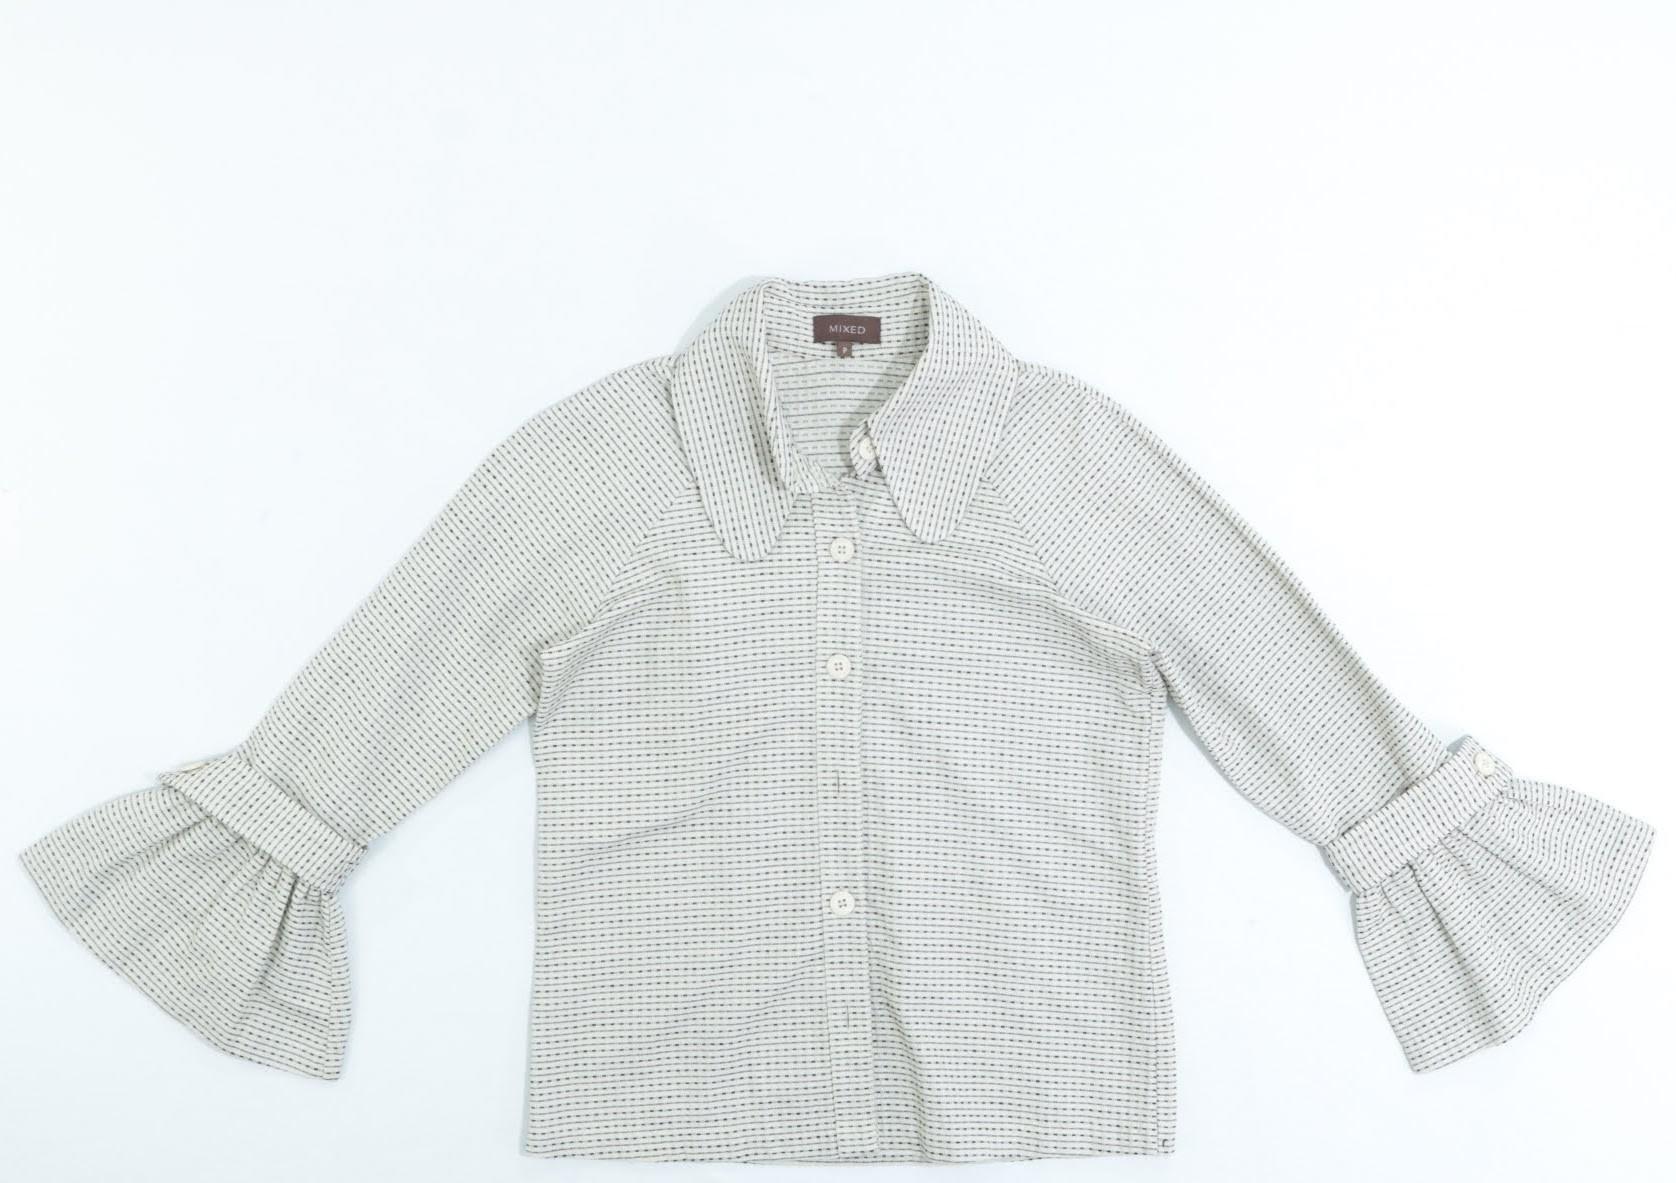 Camisa Manga Longa - Mixed - P